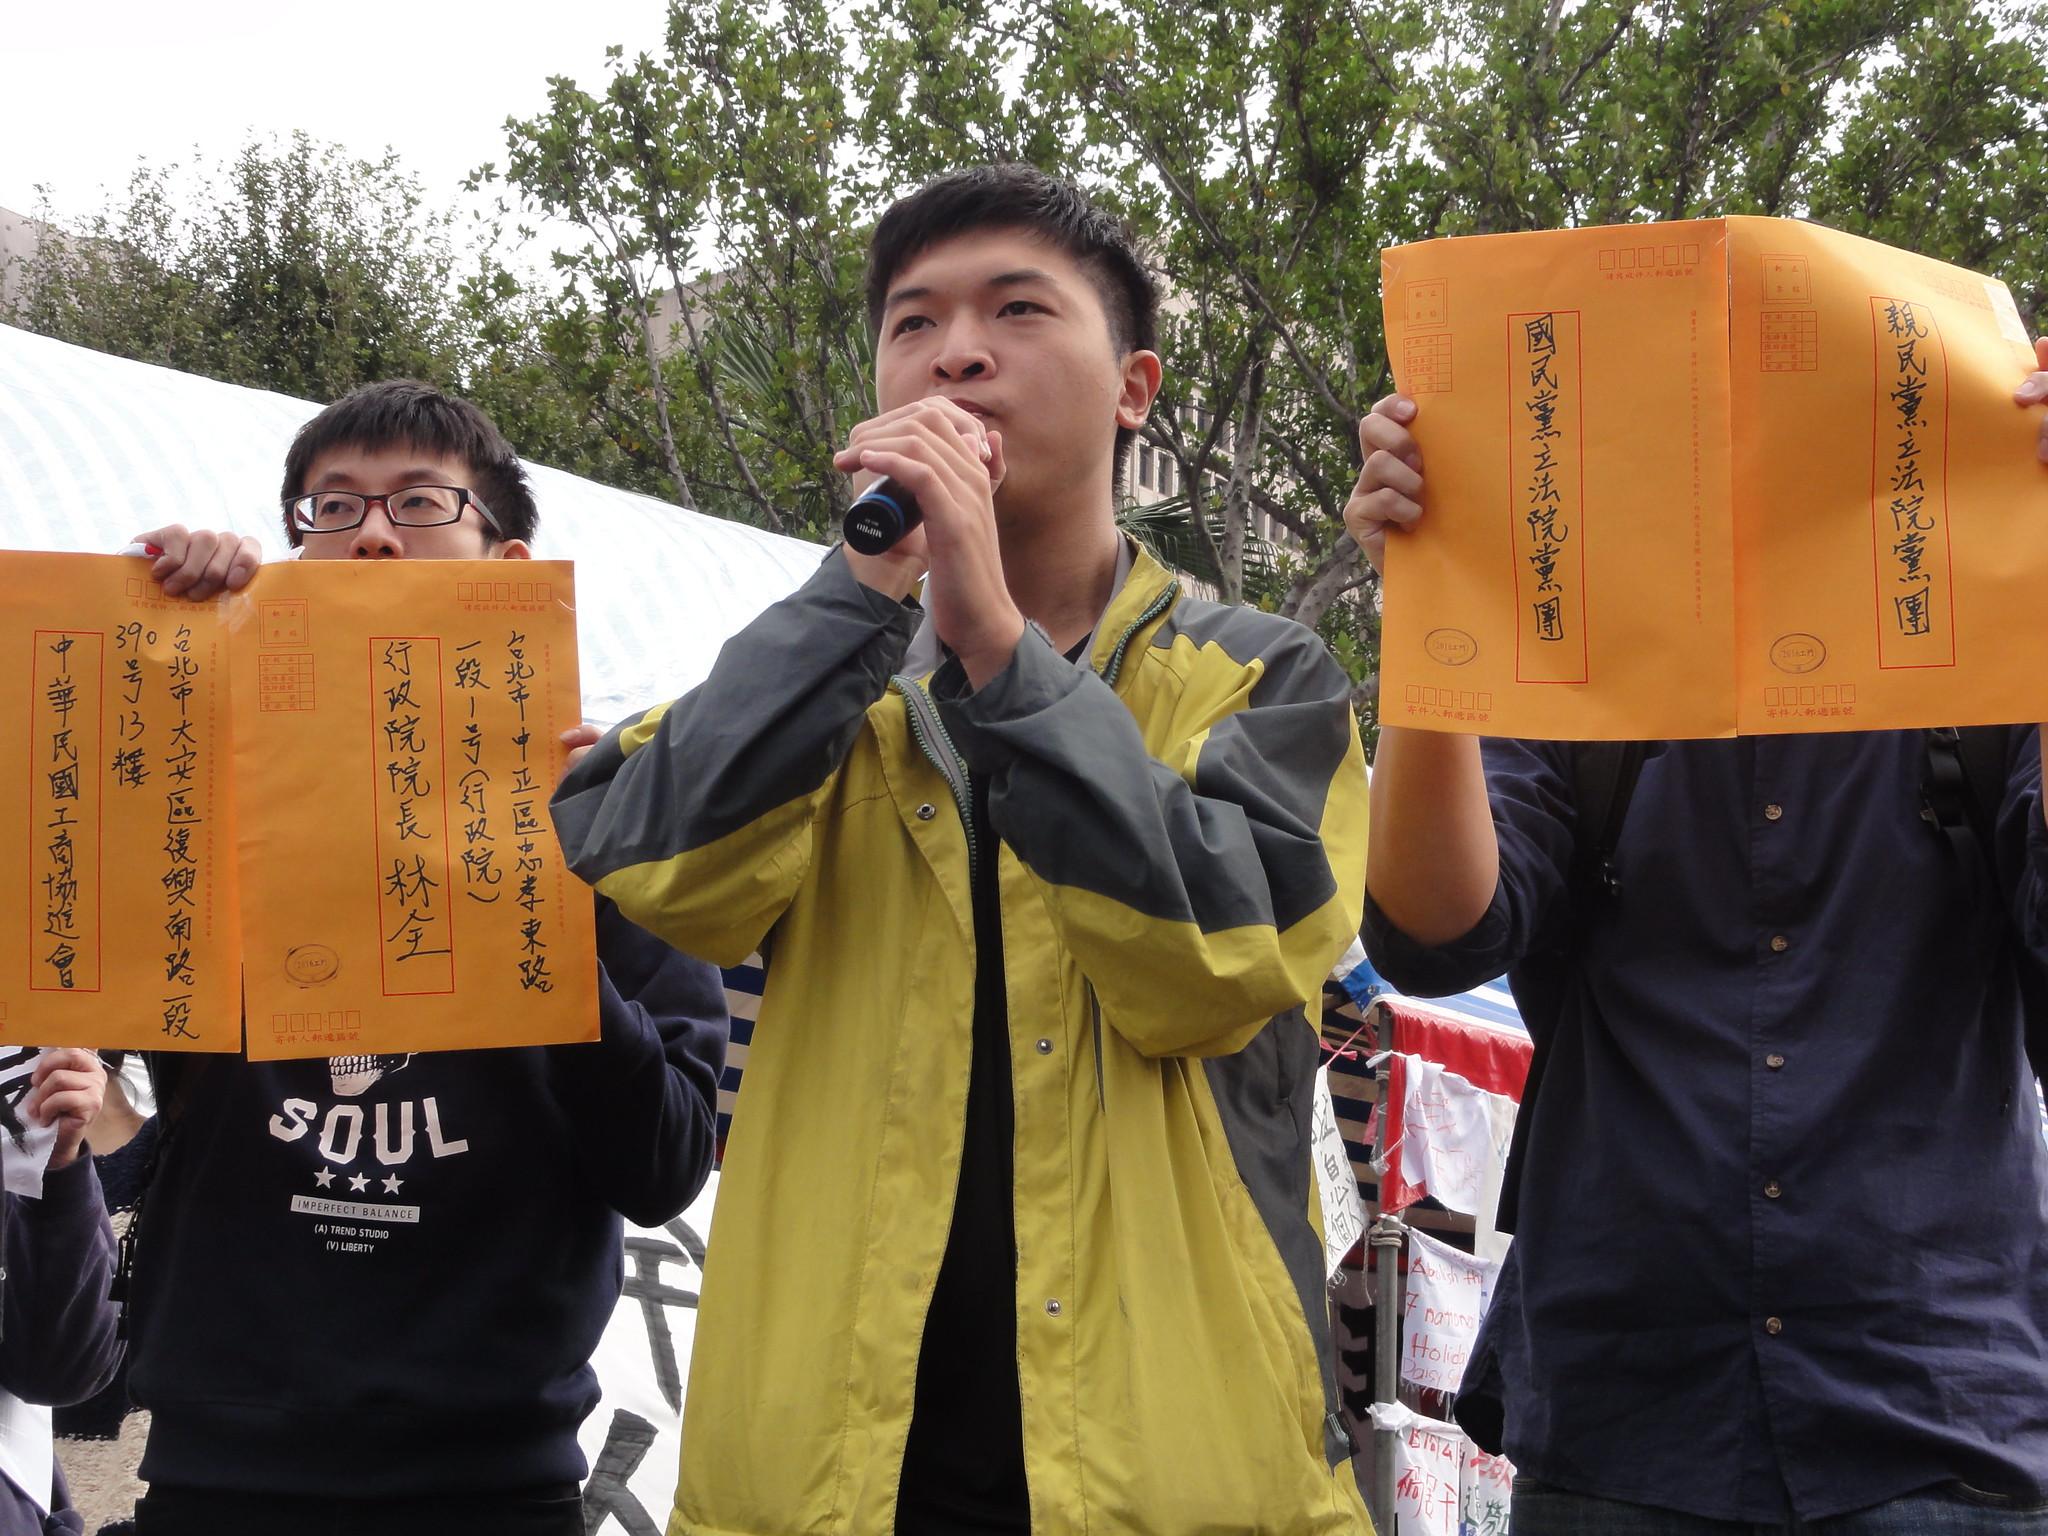 工鬥邀請行政院長林全、工商團體和立院黨團參與民間公聽會。(攝影:張智琦)